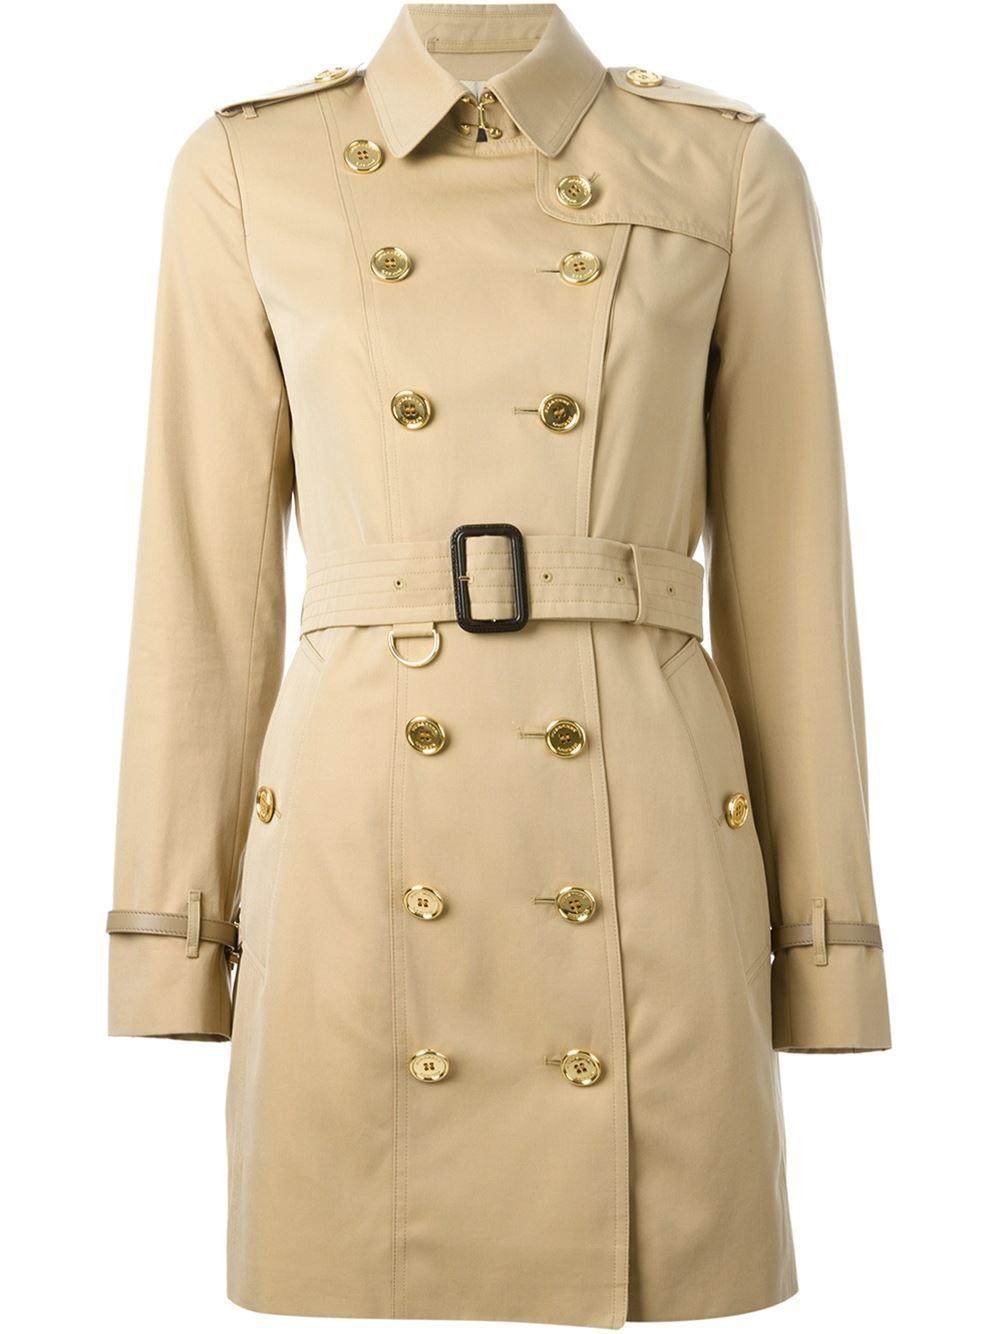 Beige trench coat women